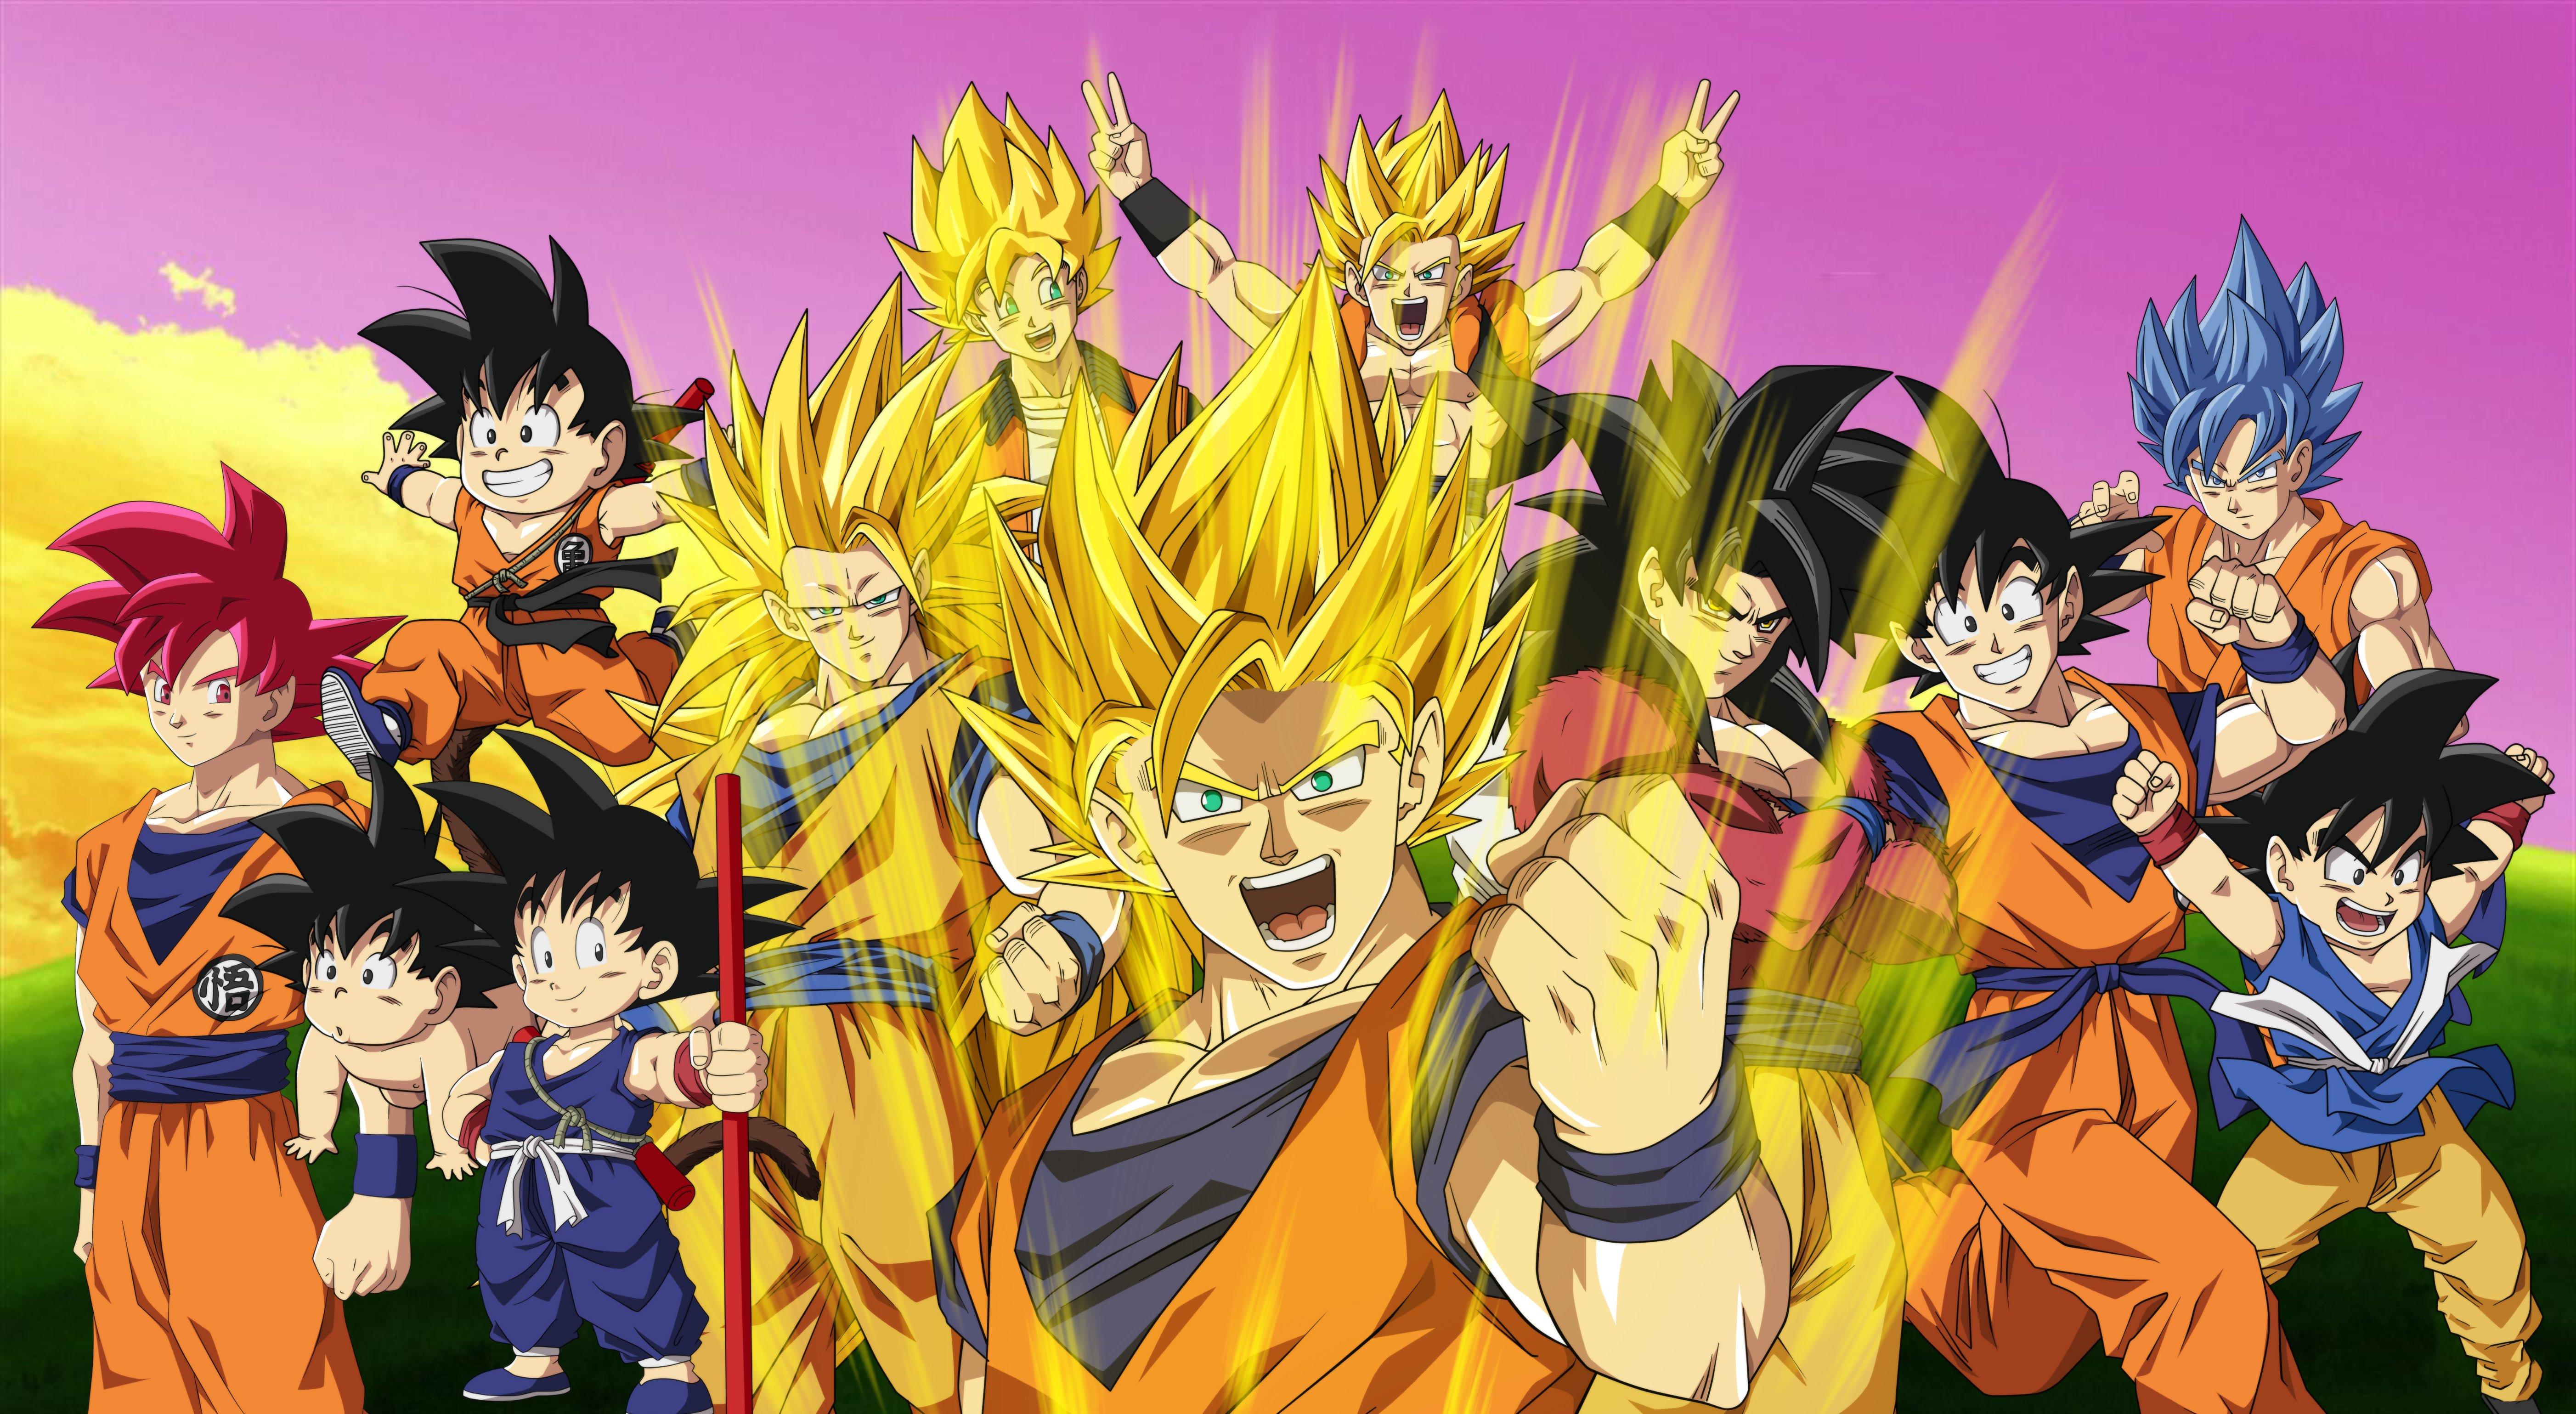 Fondos de pantalla Anime Dragon Ball Poster